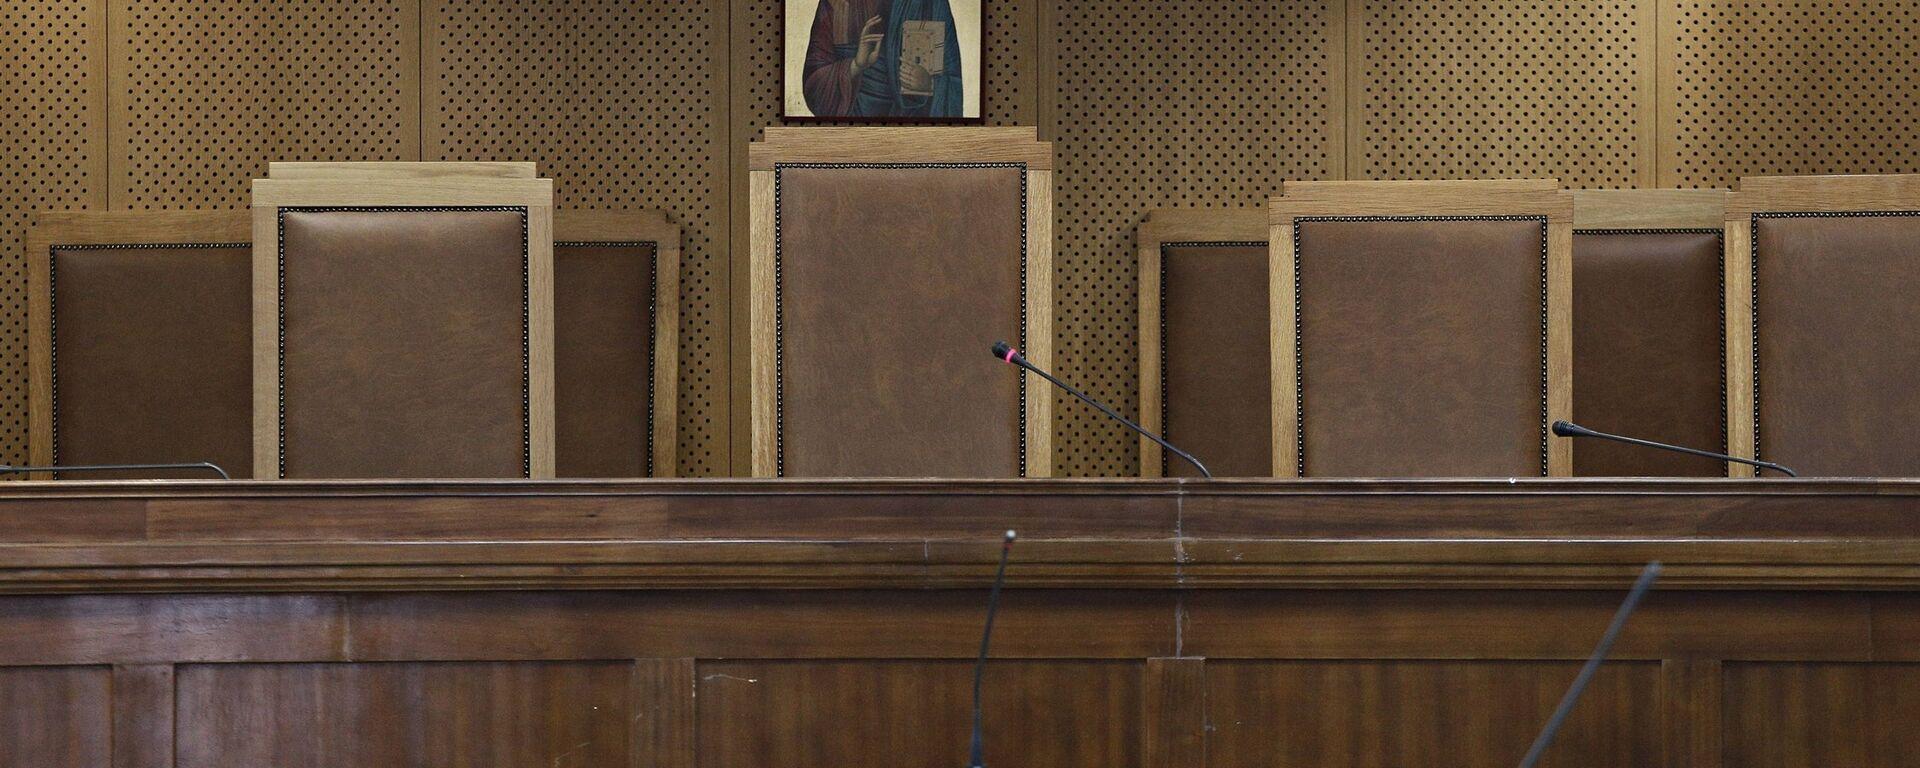 Δικαστική αίθουσα - Sputnik Ελλάδα, 1920, 25.09.2021